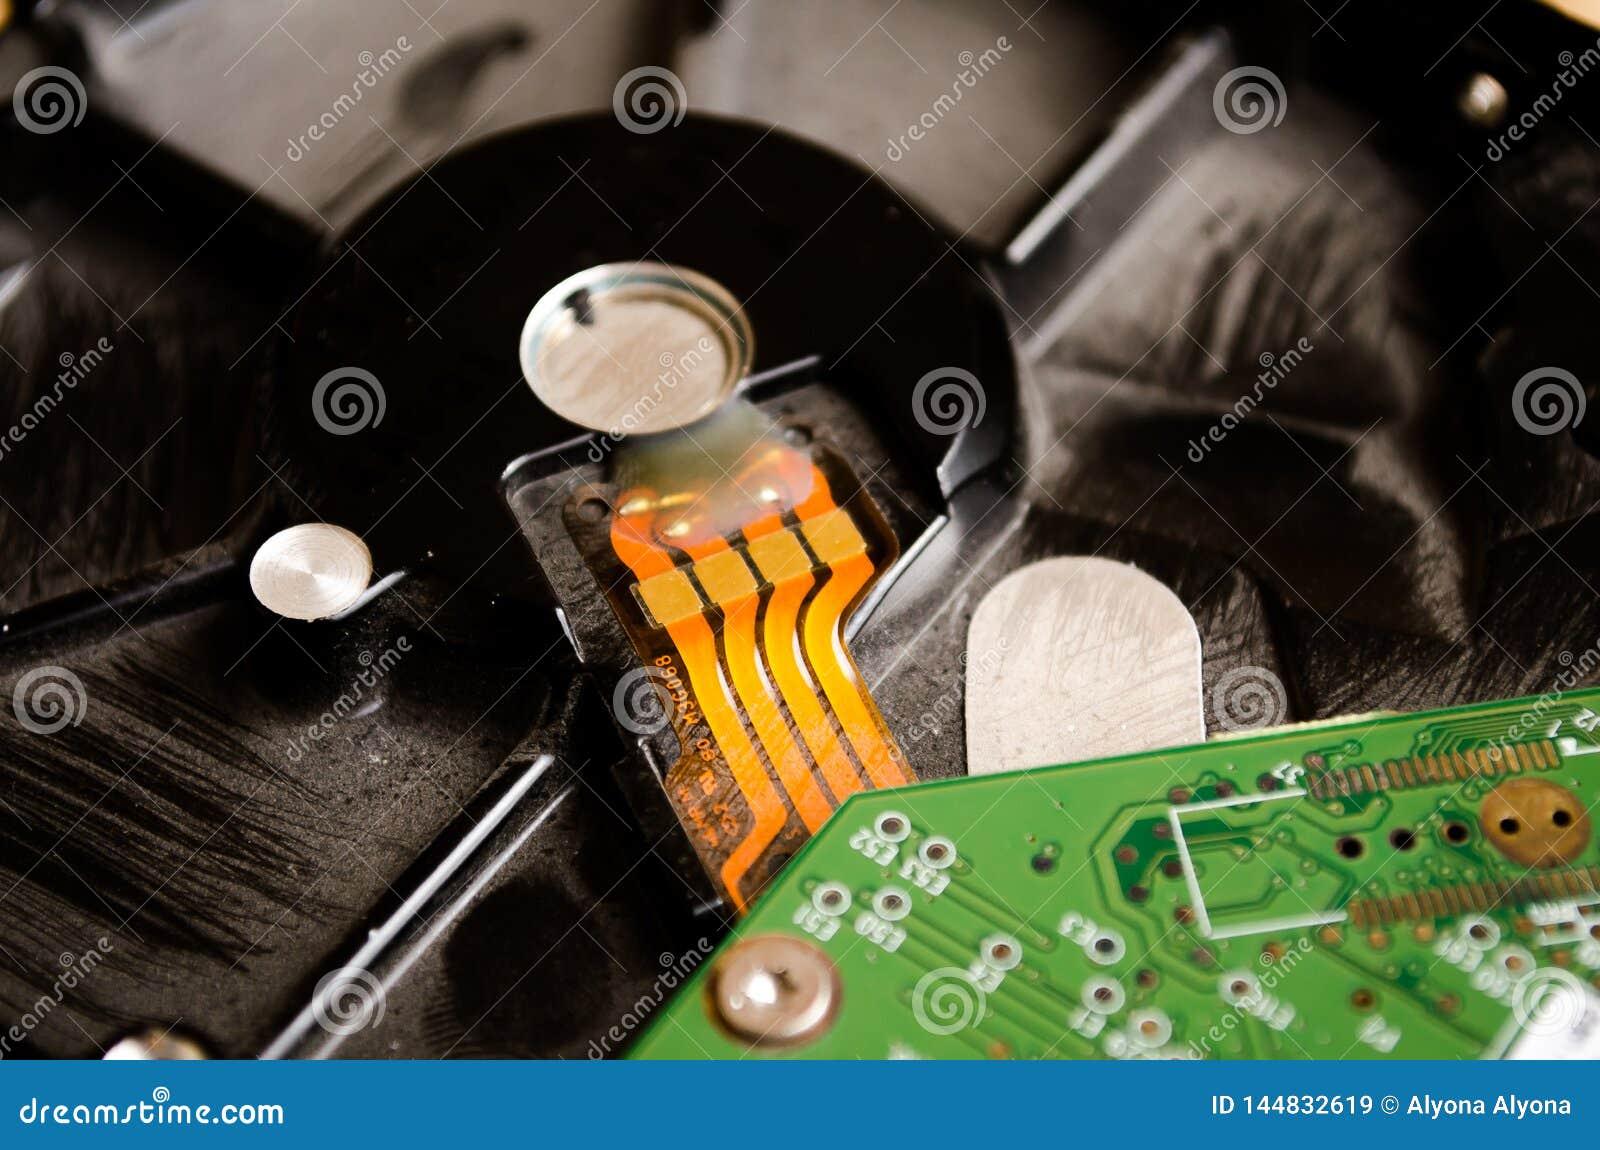 HDD Технологии ИТ Диск для записывая данных Кабель на доске Части компьютера Компоненты компьютера Центр Servisny